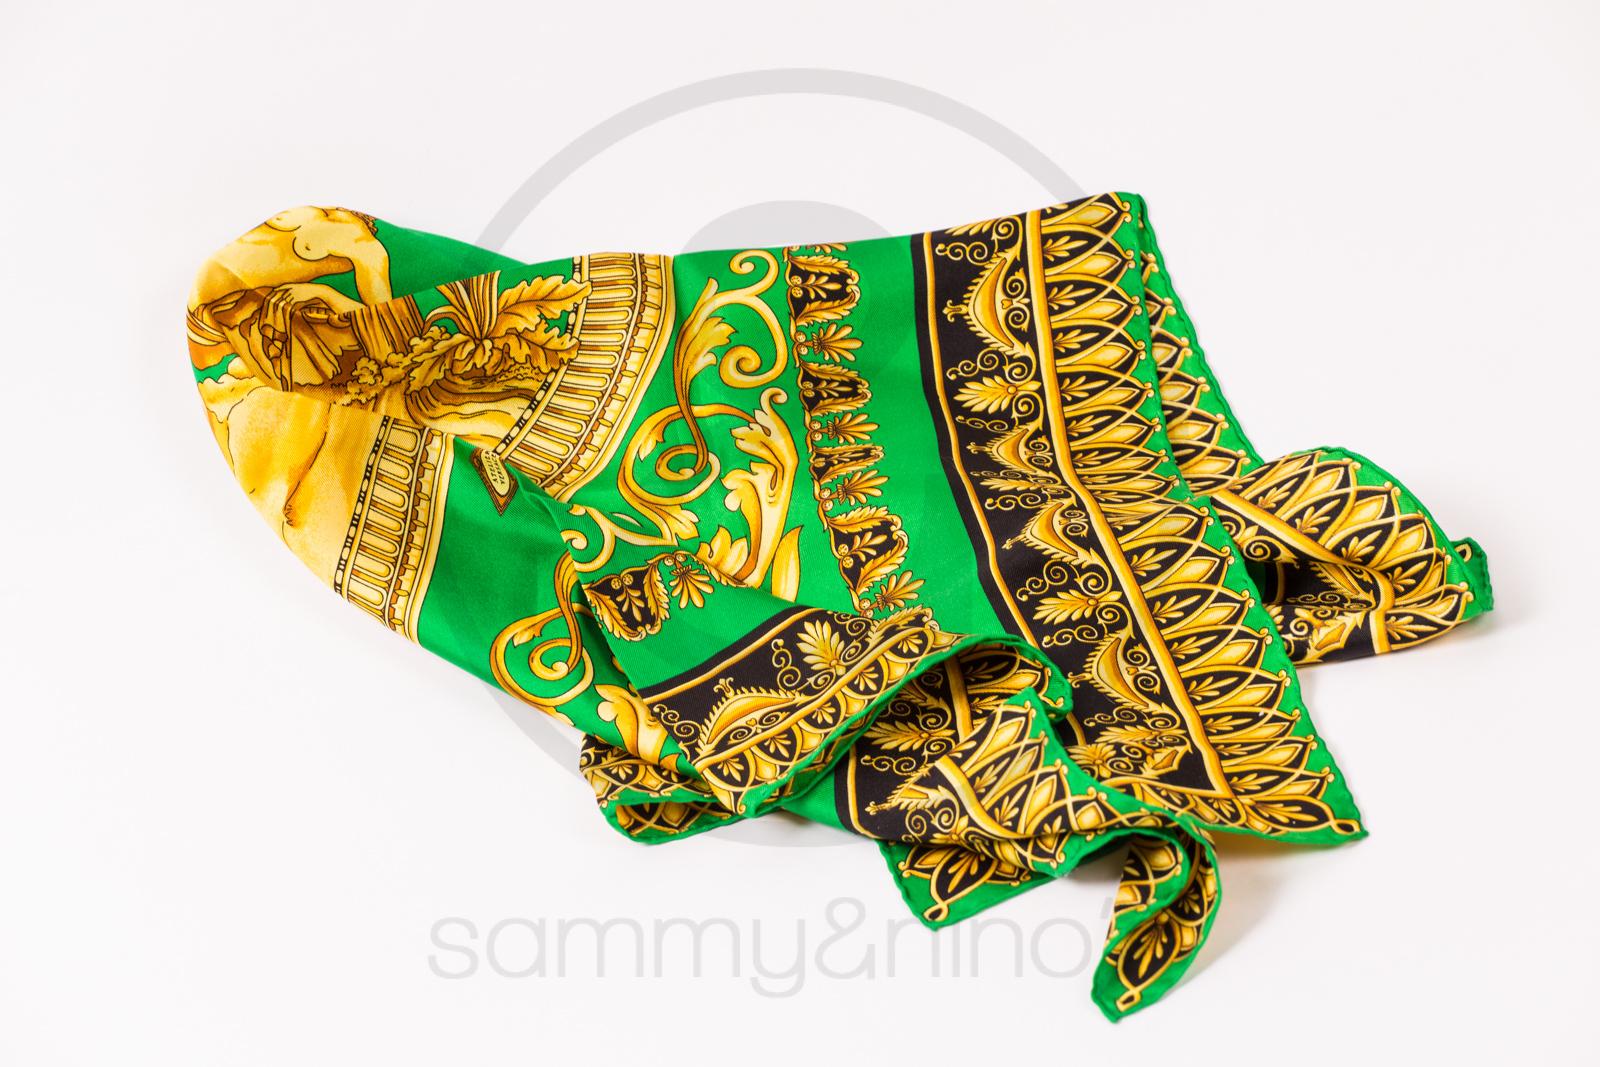 d9da5601c9b1 Gianni Versace silk foulard scarf – Sammy   Nino s Store